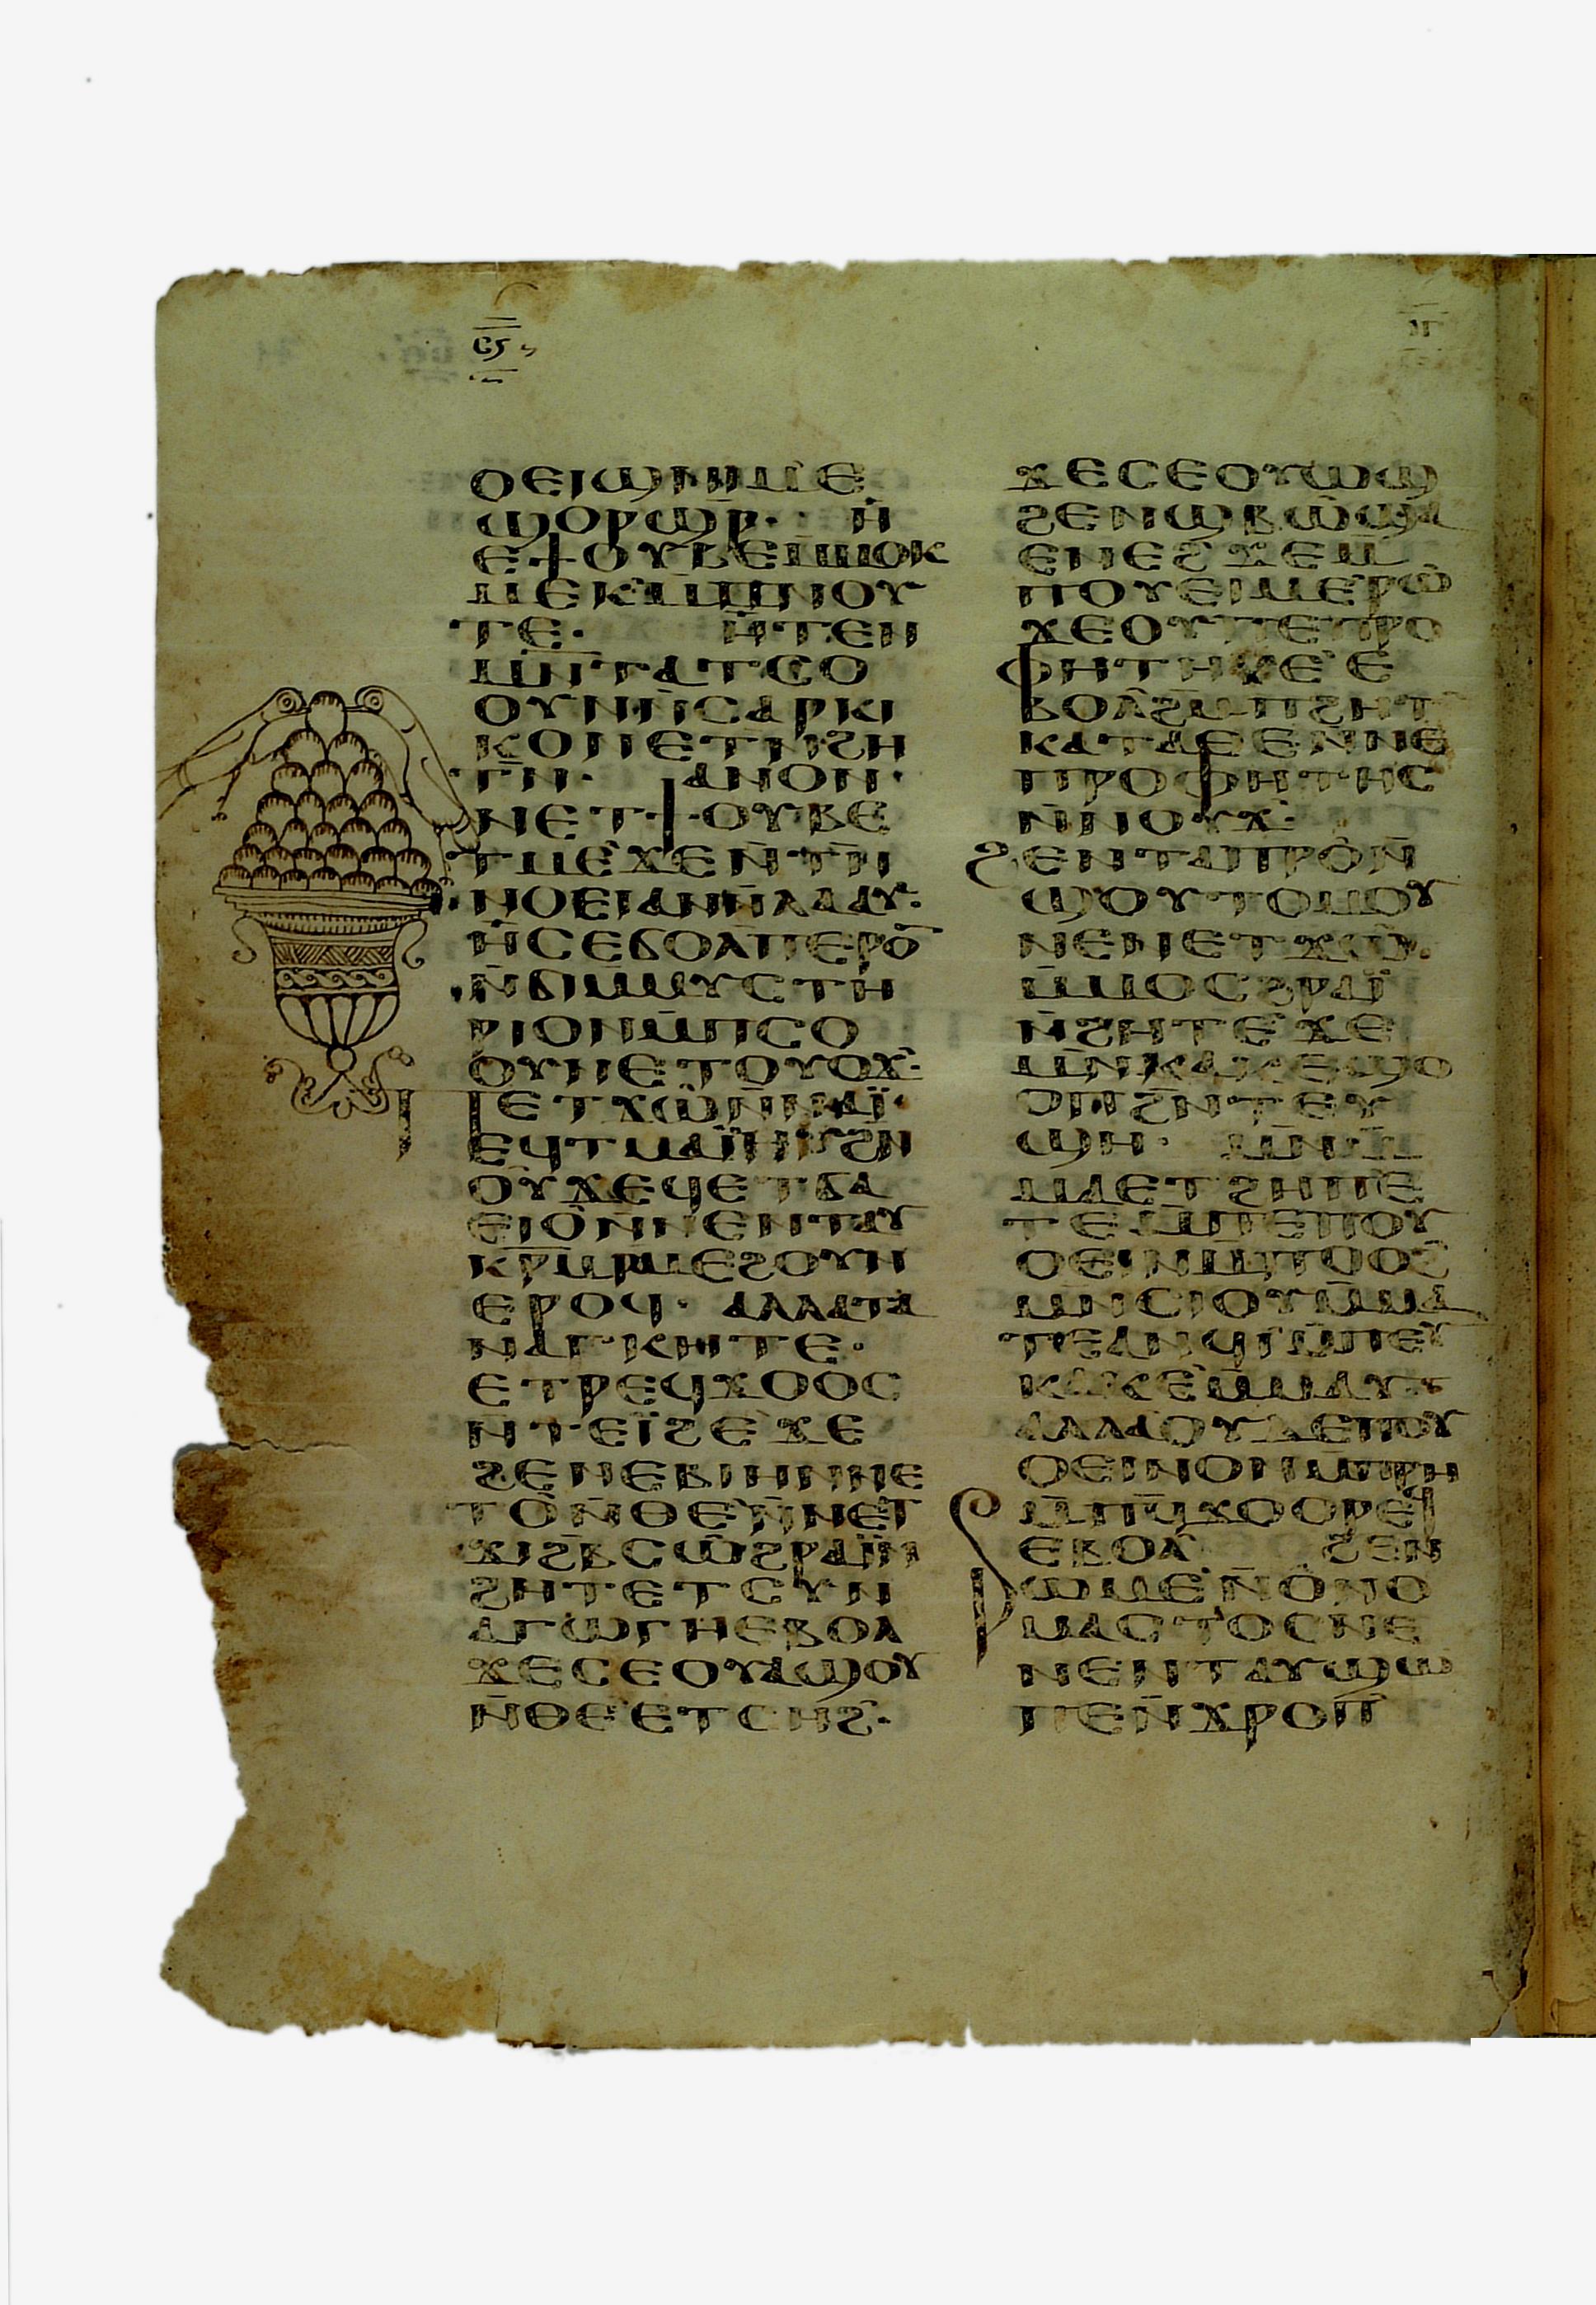 Ifao Copte 2, f. 71v